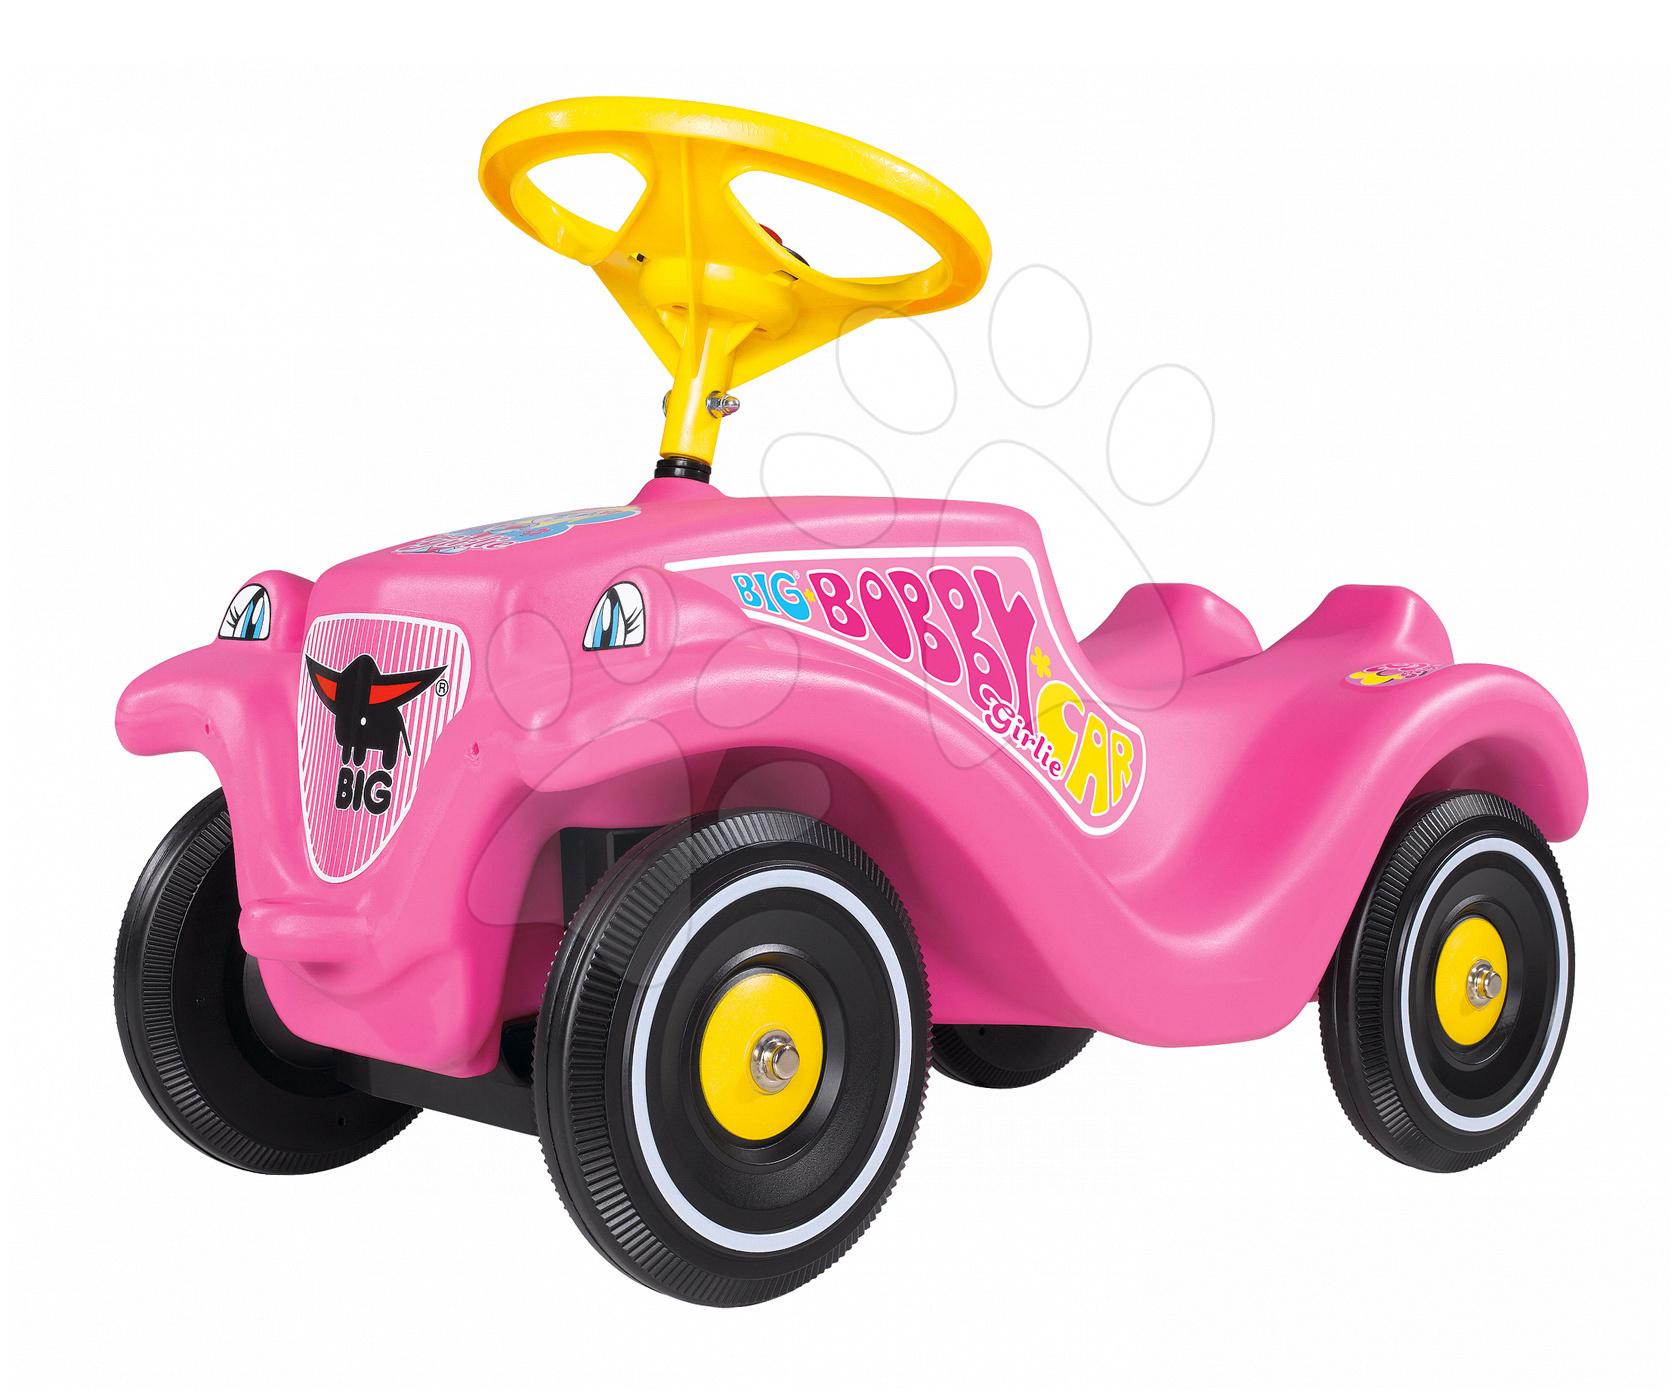 Odrážadlá od 12 mesiacov - Odrážadlo Bobby Classic Girlie BIG s klaksónom ružové od 12 mes